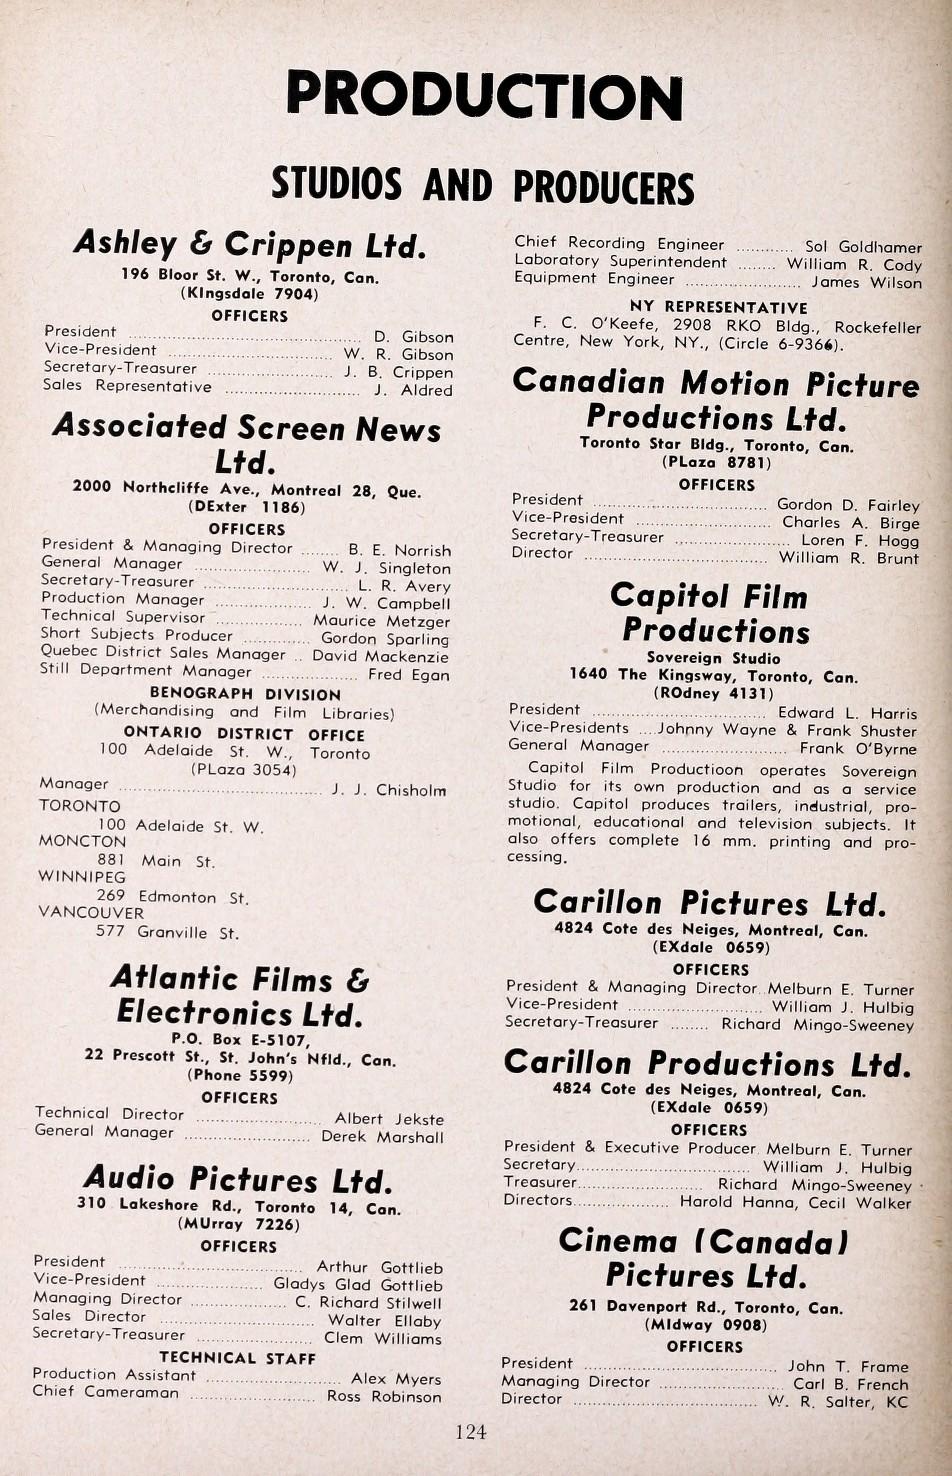 1951yearbookcana00film_jp2.zip&file=1951yearbookcana00film_jp2%2f1951yearbookcana00film_0126